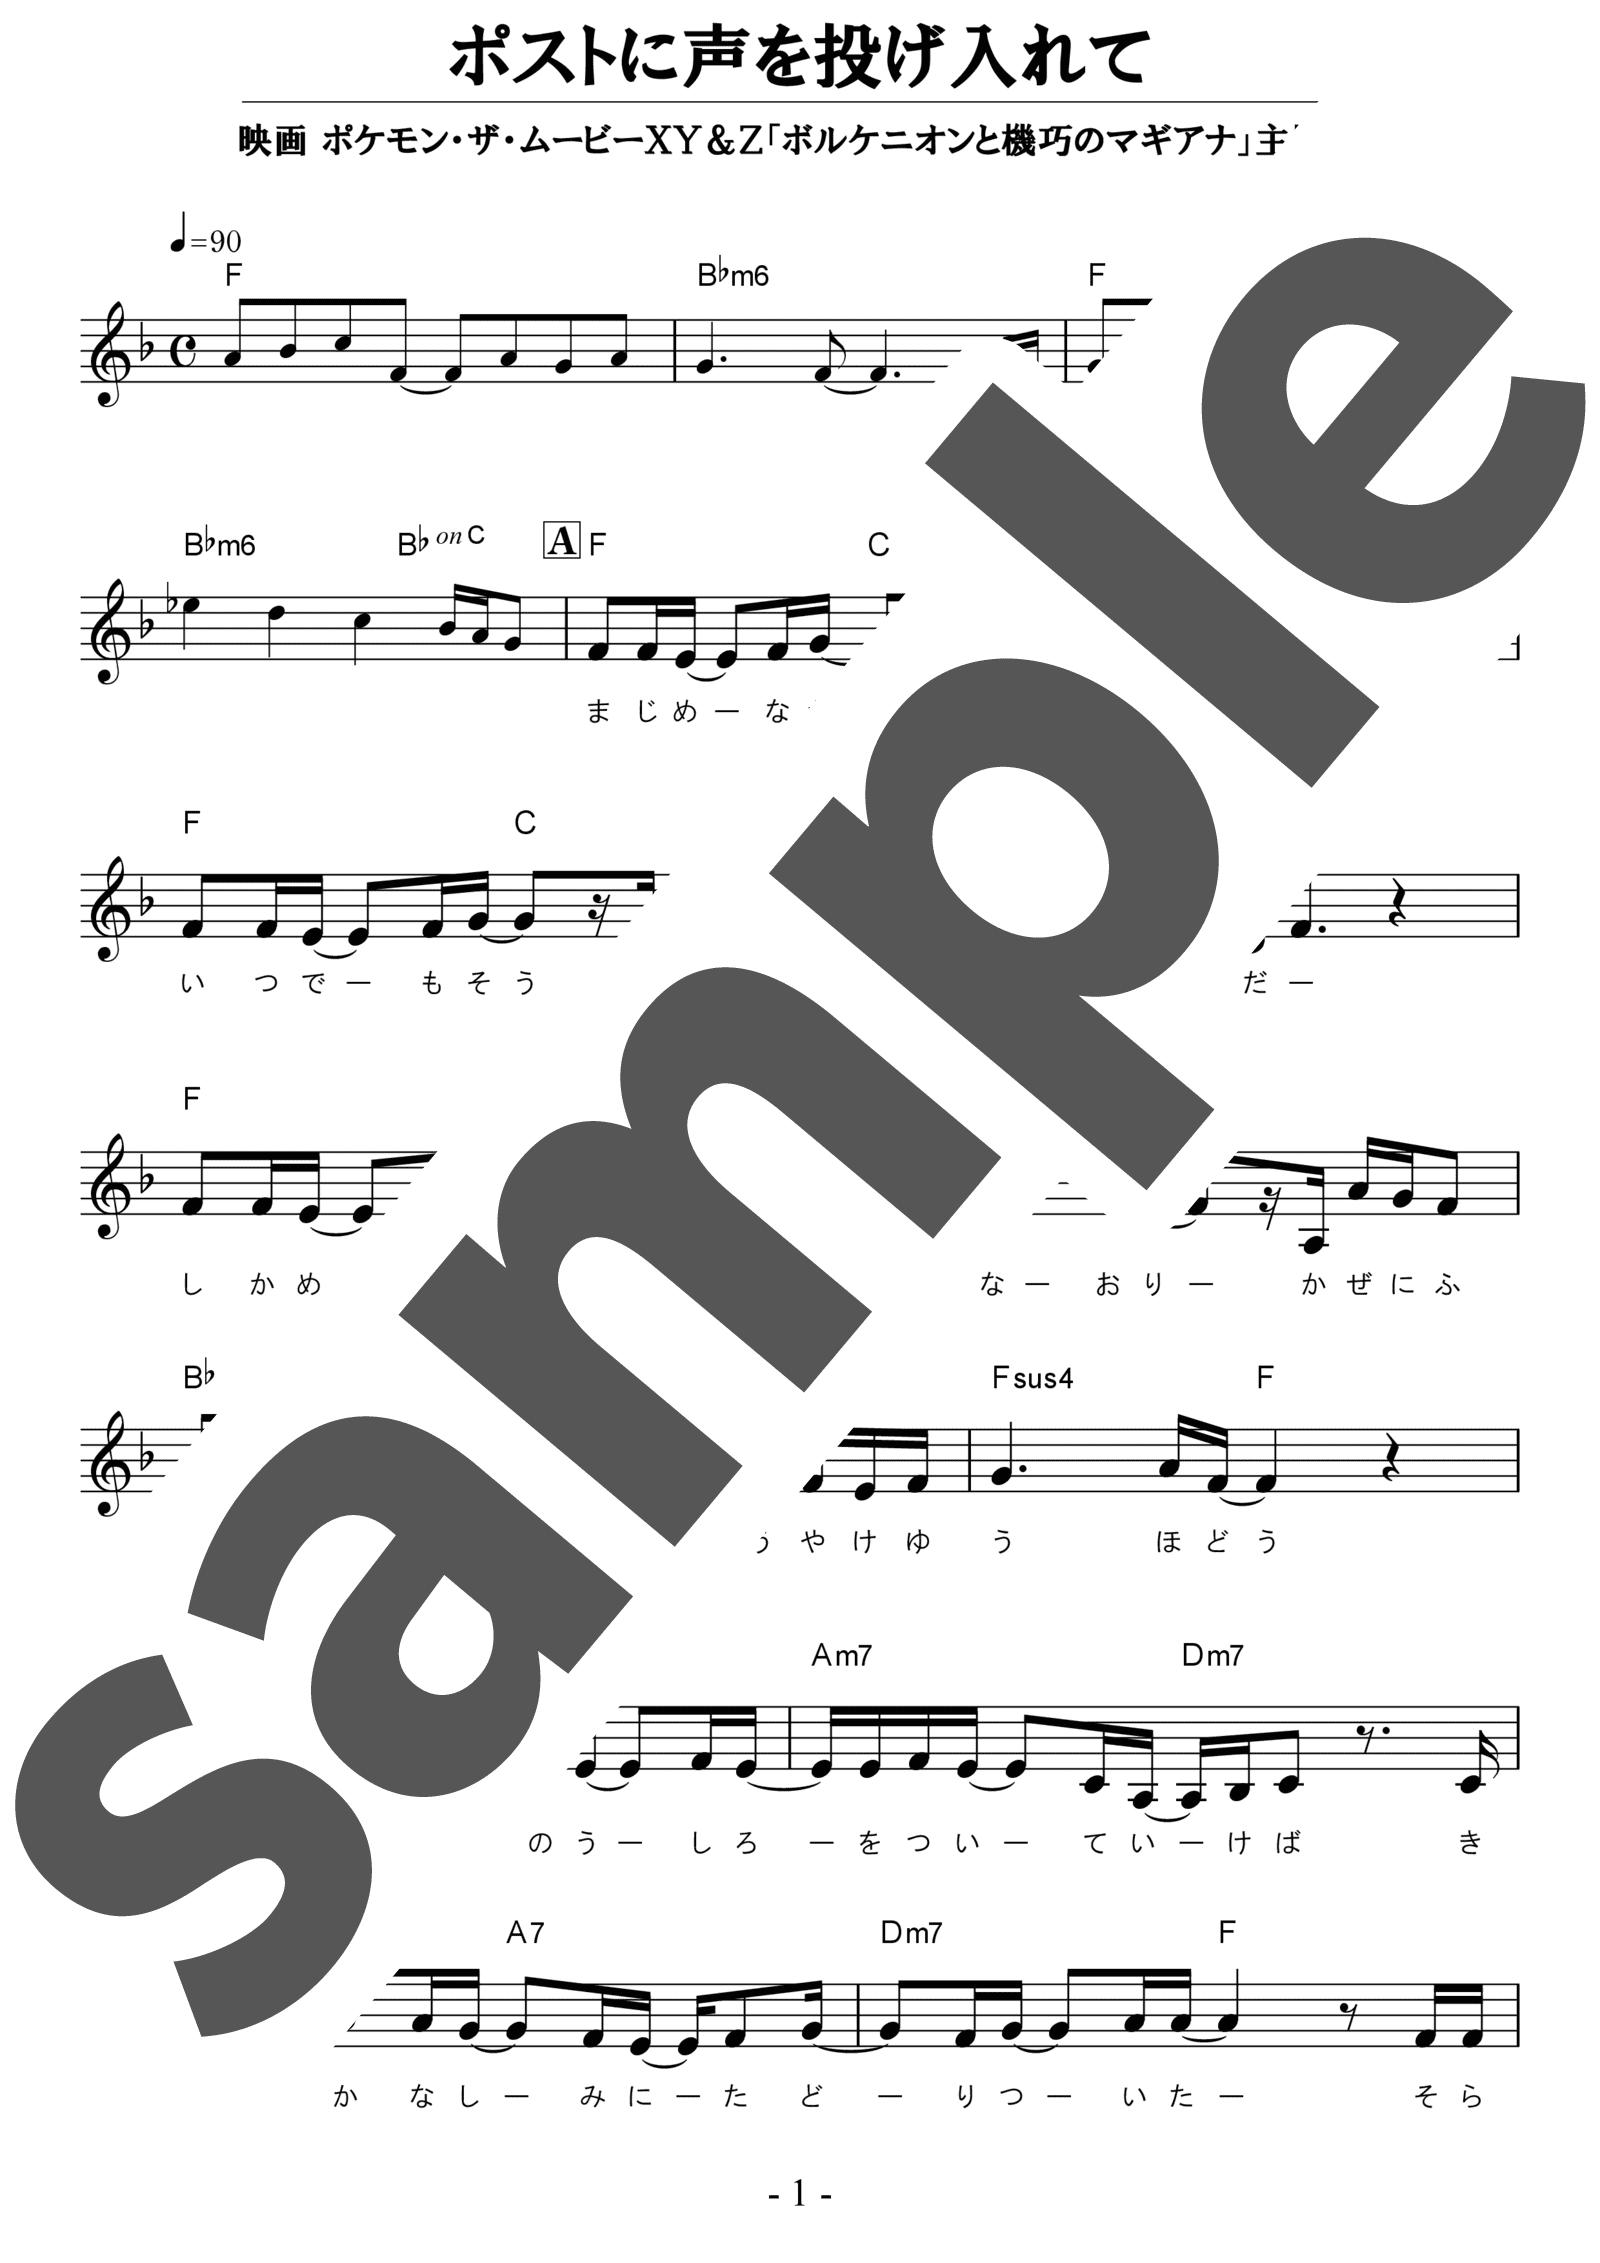 「ポストに声を投げ入れて」のサンプル楽譜